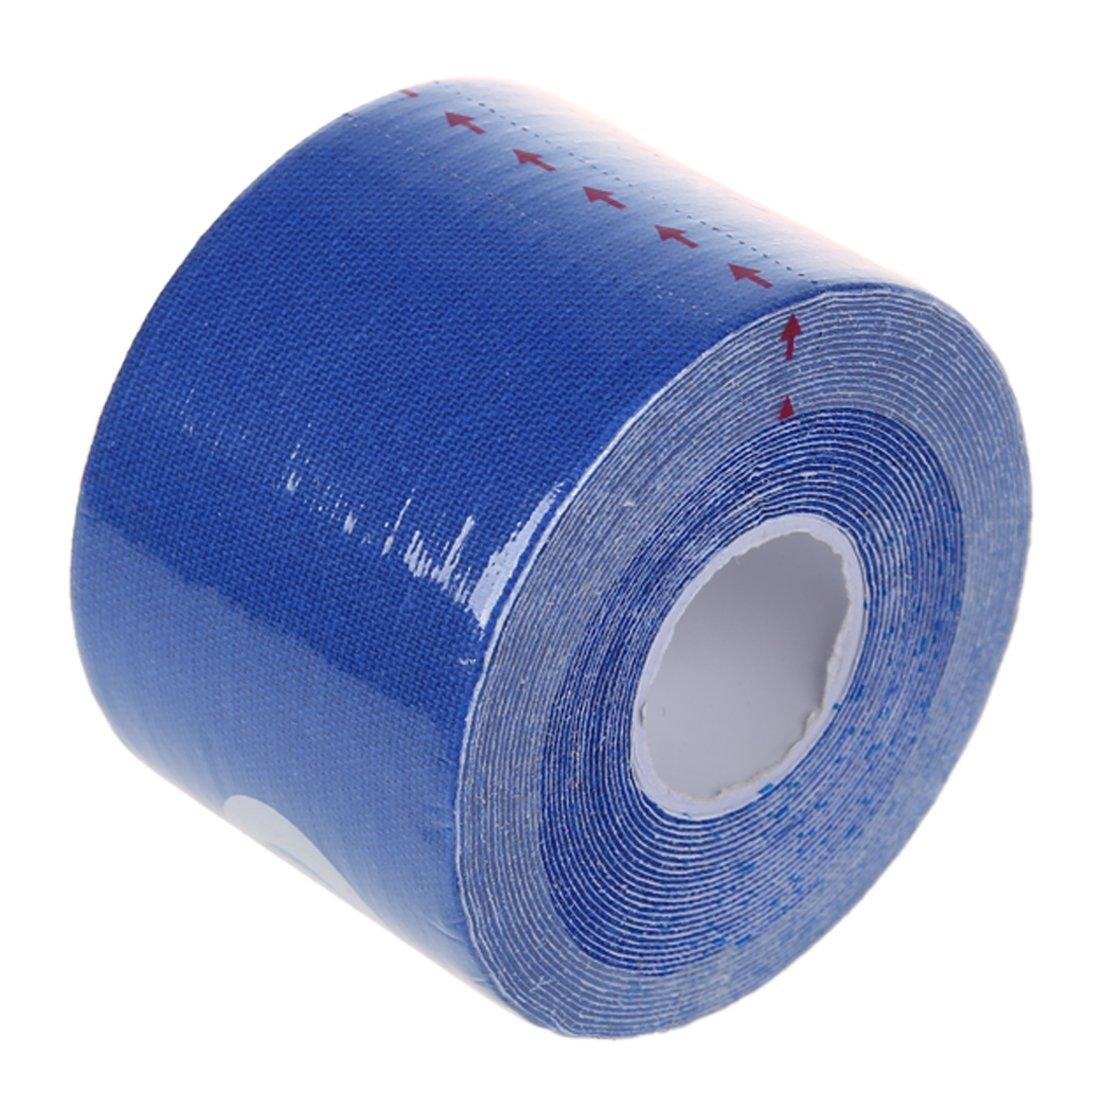 TOOGOO 1 rollo de Deportes Kinesiologia Musculos Cuidado Gimnasio Atletico 5M Cinta Salud * 5CM Azul marino R